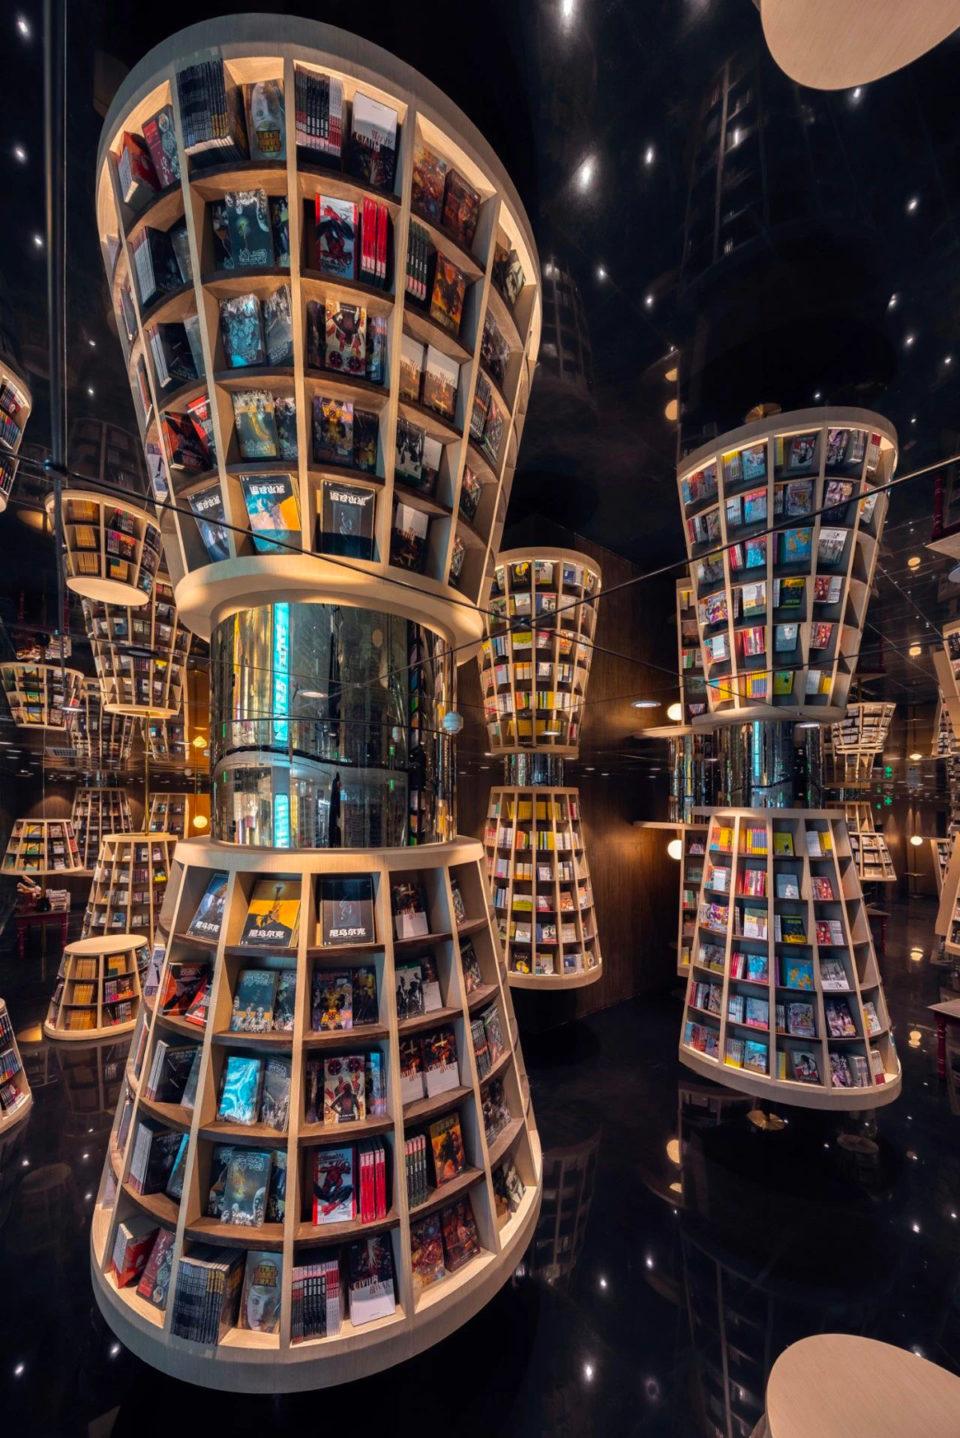 vista general de la librería subrealista diseñada por el estudio X LIVING